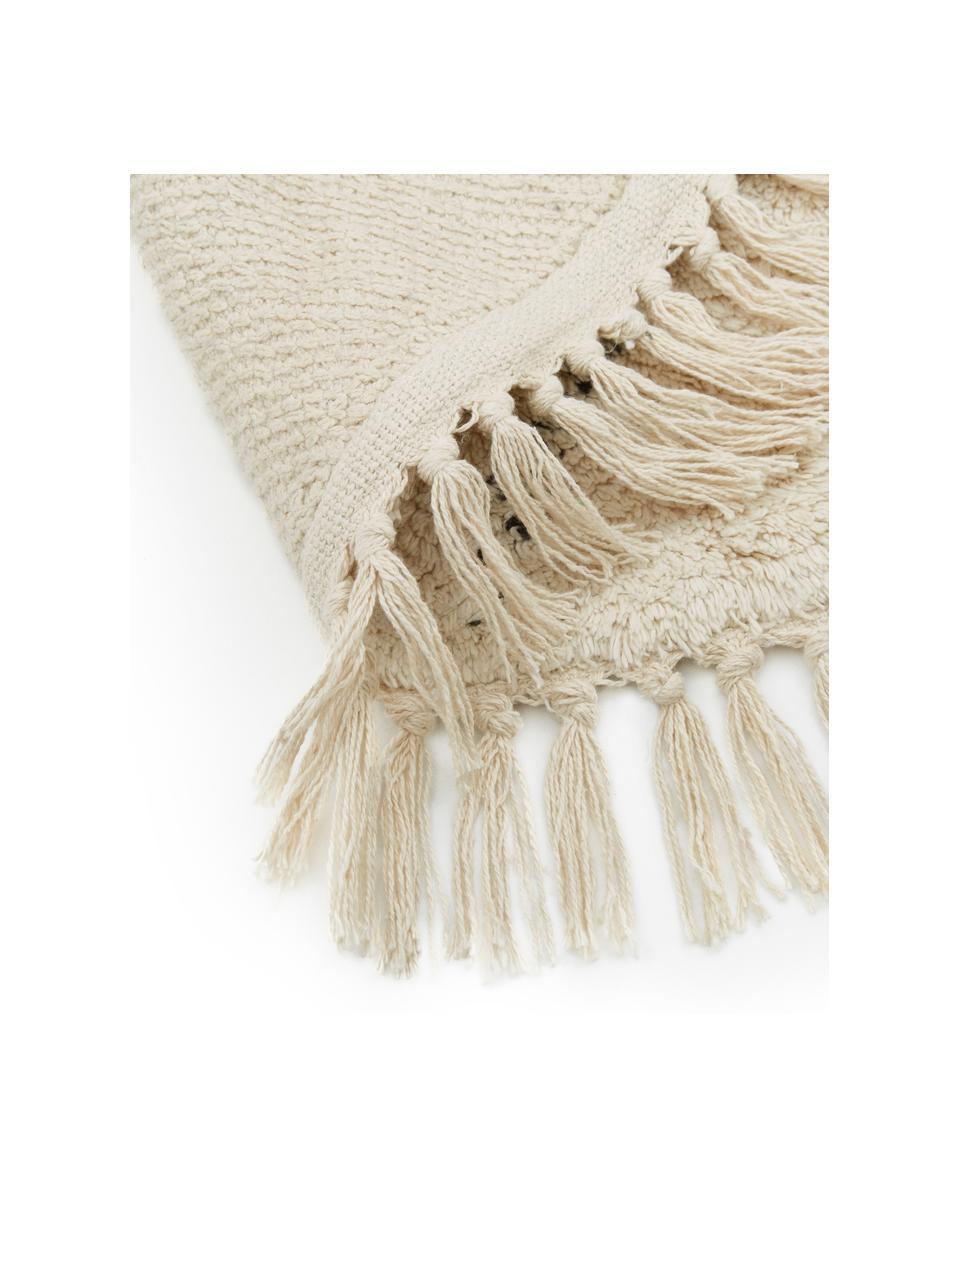 Okrągły ręcznie tuftowany dywan z bawełny Bina, 100% bawełna, Beżowy, czarny, Ø 150 cm (Rozmiar M)